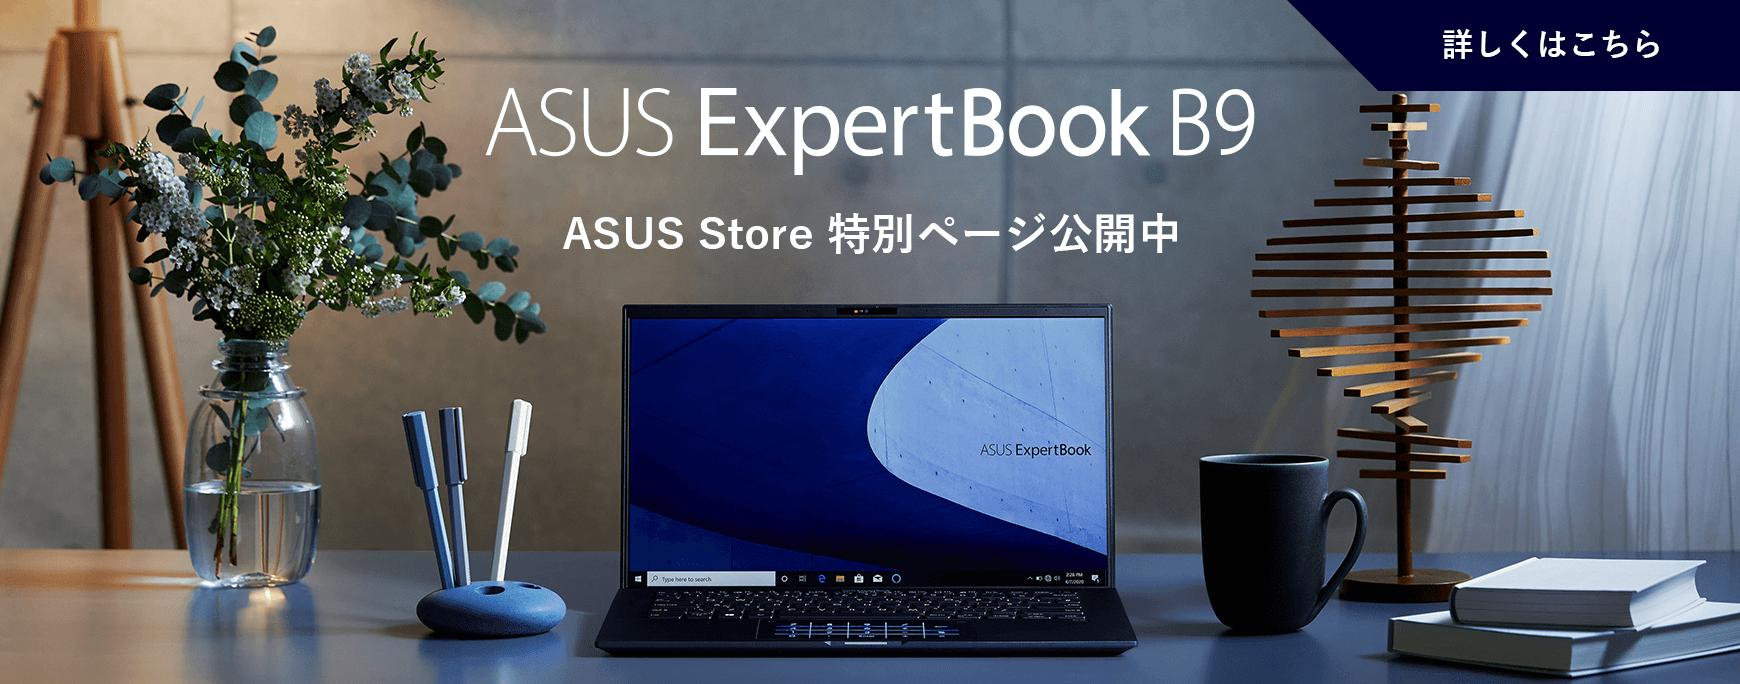 ASUS Store 特別ページ公開中